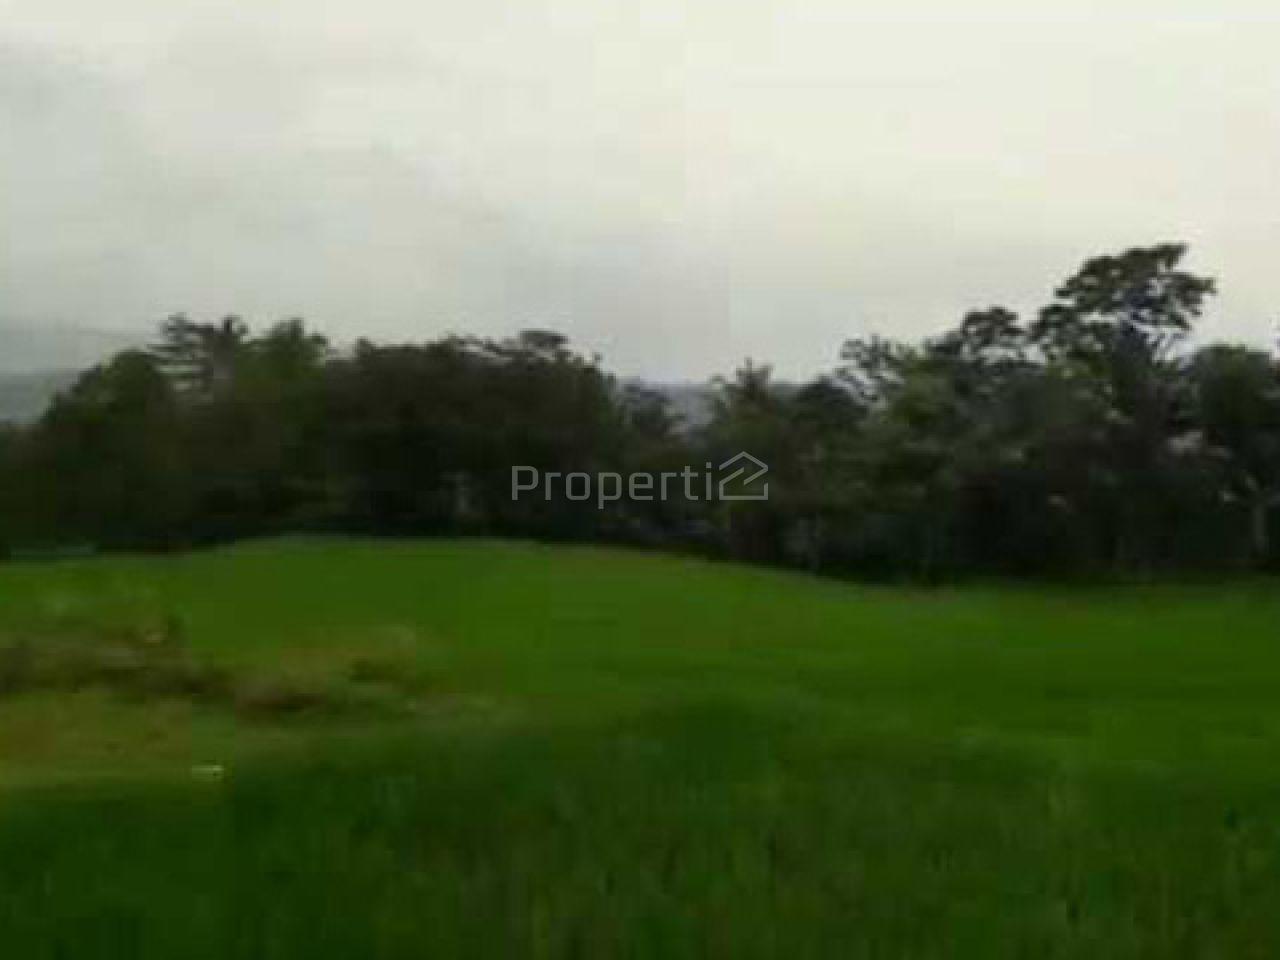 Lahan Investasi di Cigudeg, Jawa Barat